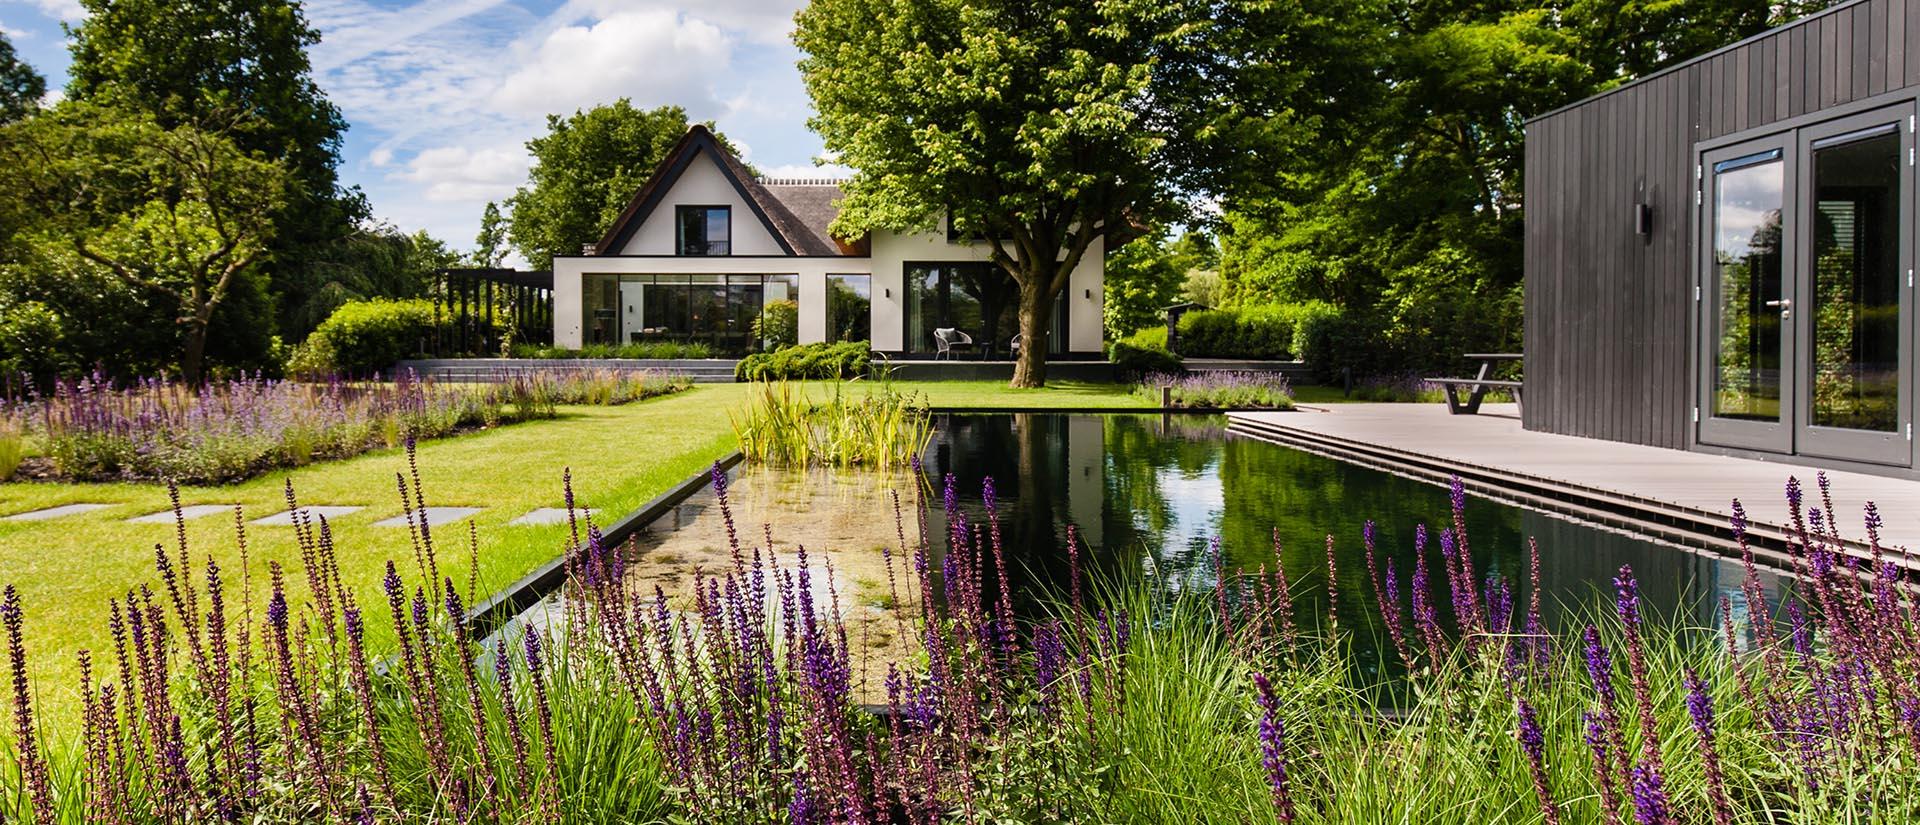 tuin_in_Capelle_aan_den_IJssel_zwemvijver_poolhouse_met_vlonder